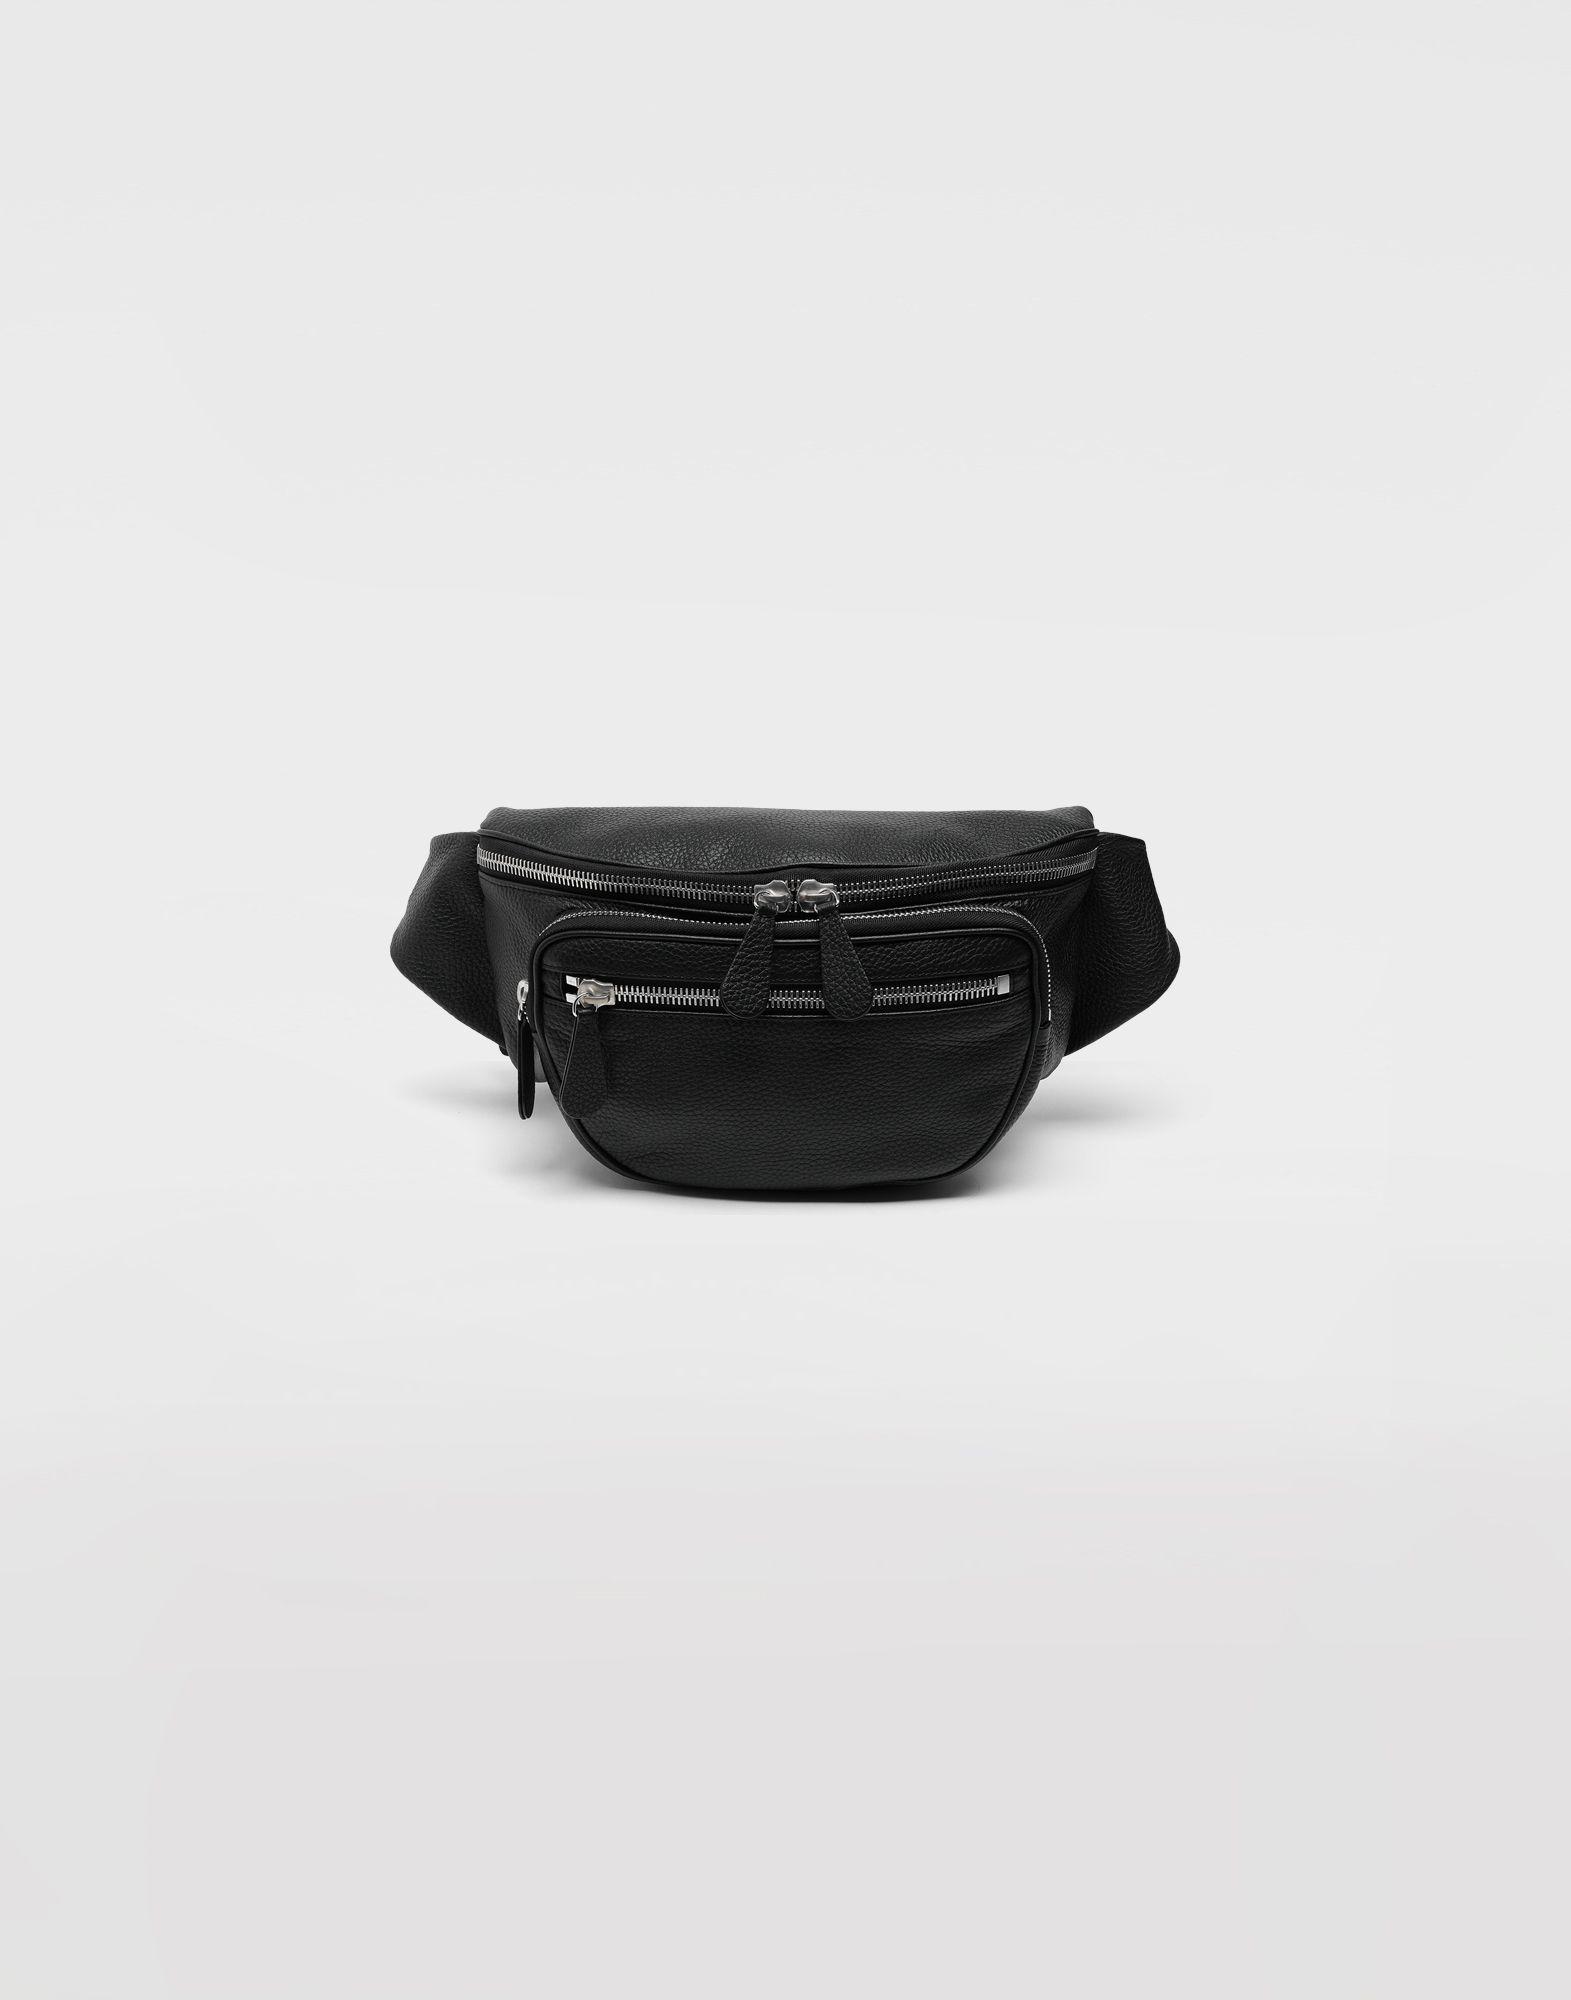 MAISON MARGIELA Кожаная поясная сумка Поясная сумка Для Мужчин f